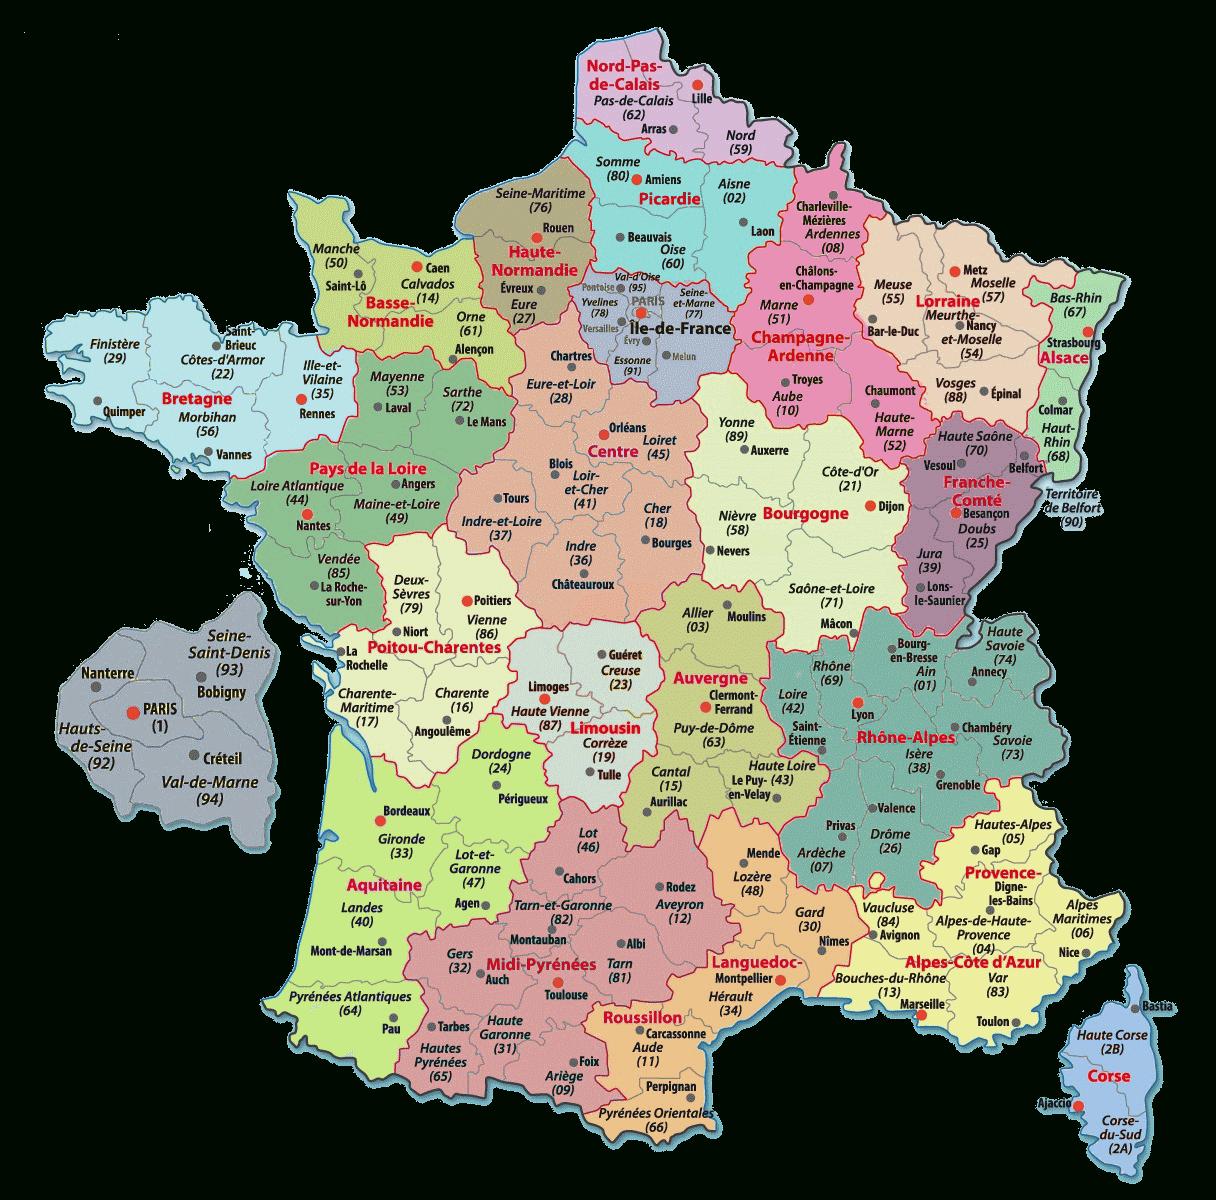 Carte De France Departements : Carte Des Départements De France destiné Les Numéros Des Départements